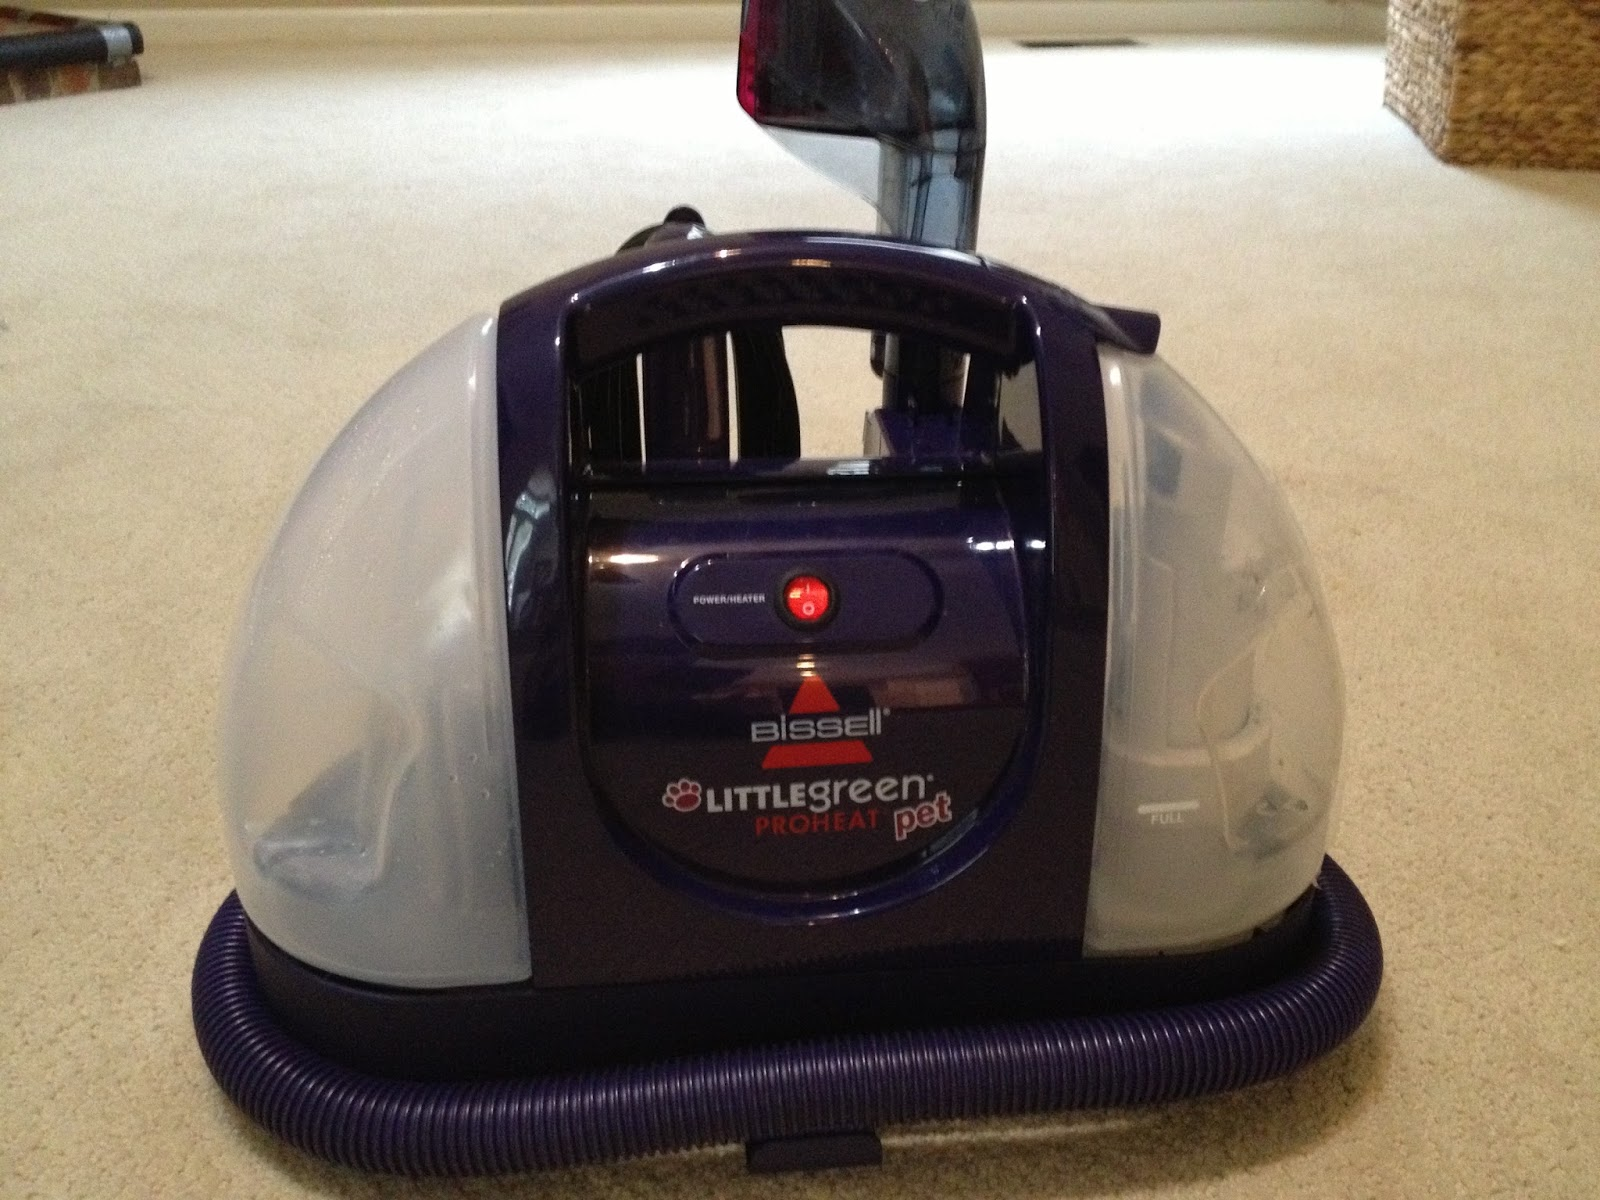 carpet spot cleaner